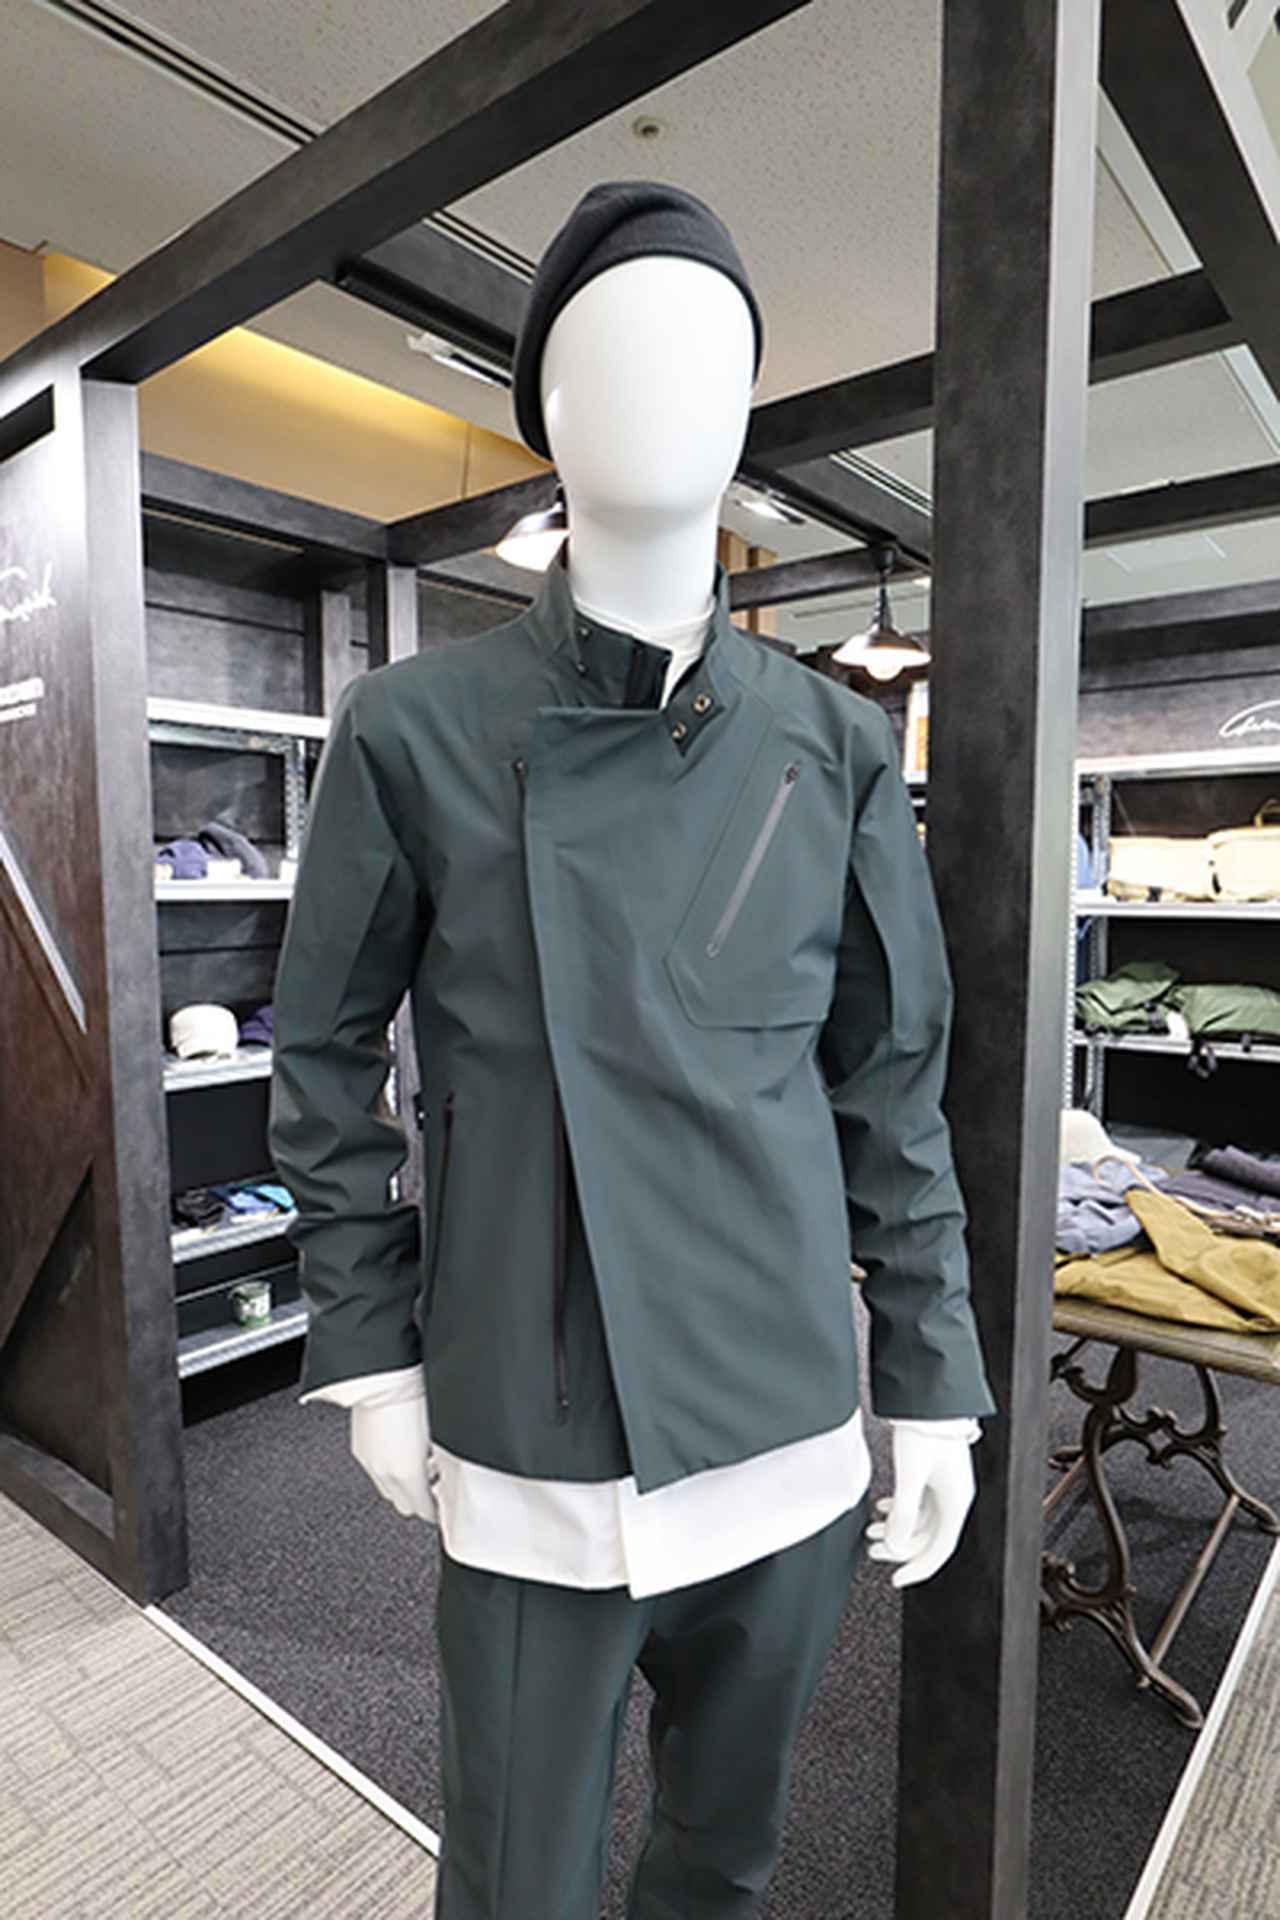 画像: GWマーベリック ライディングジャケット(4万8000円)=ライダースジャケットのプレーンなスタイルに、ゴアテックス、アクションプリーツ、袖ベンチレーション等を採用し、ライディング適性を高めた。